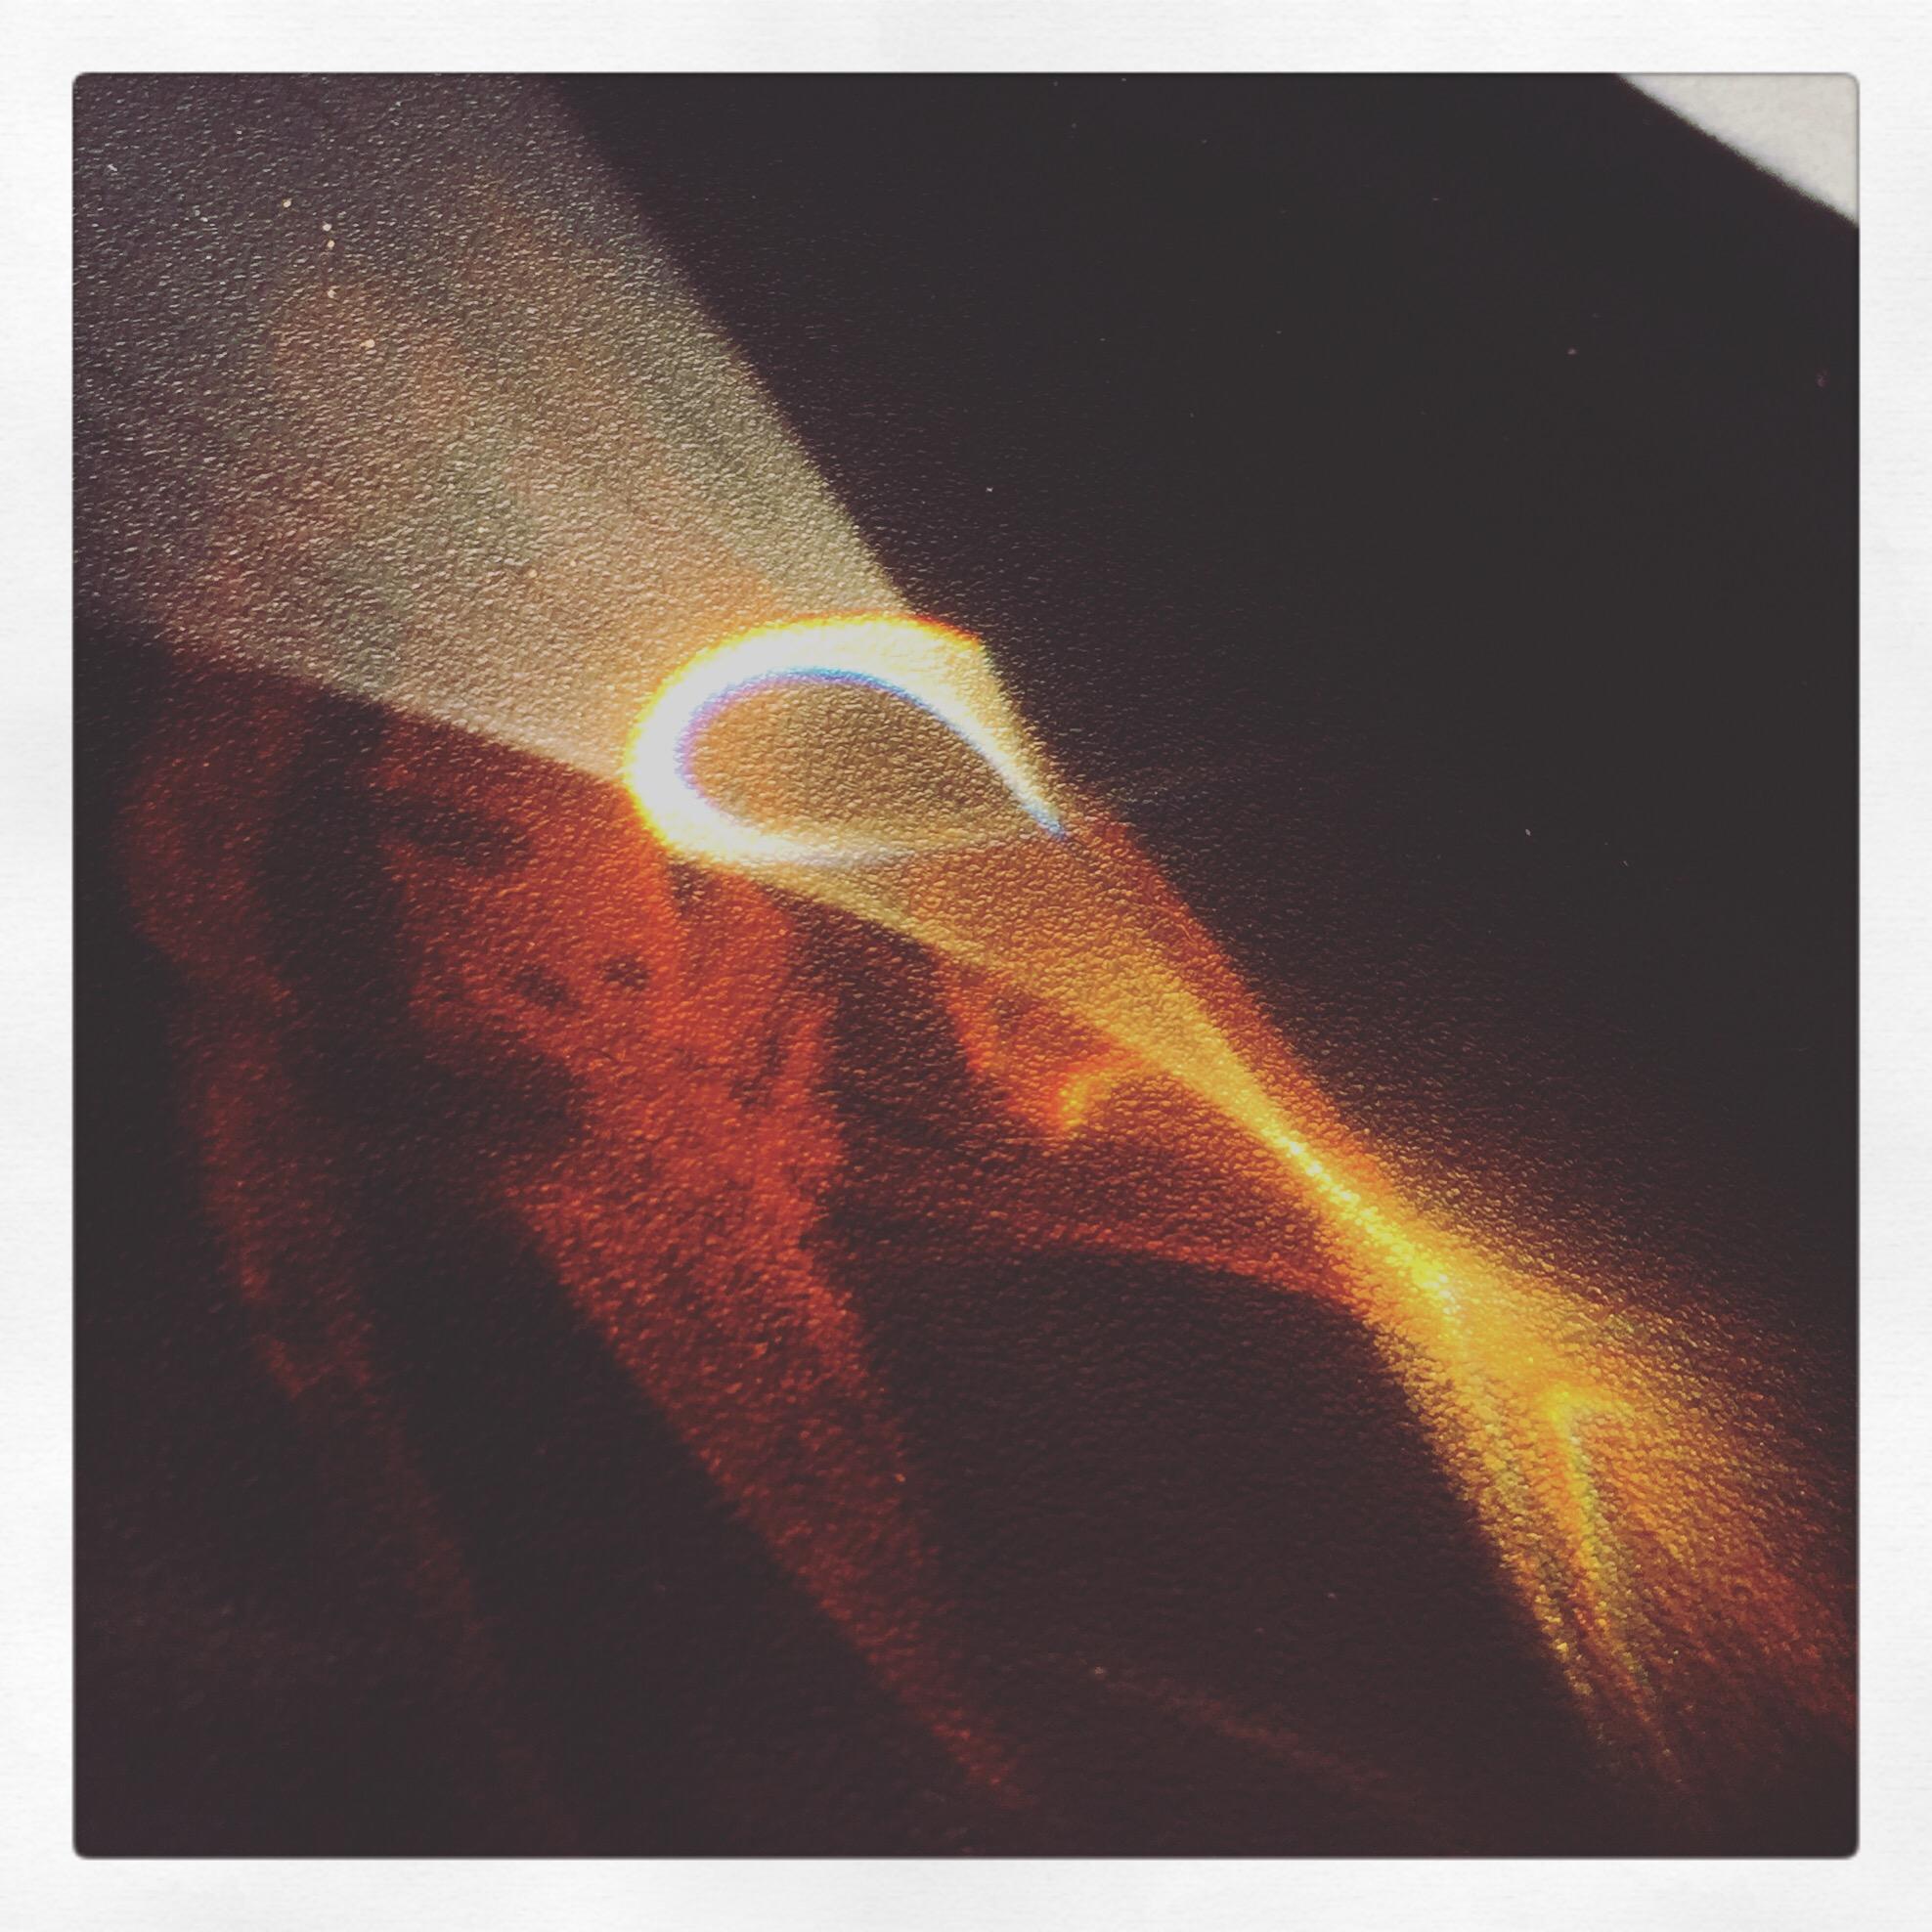 Day 1851. god light…